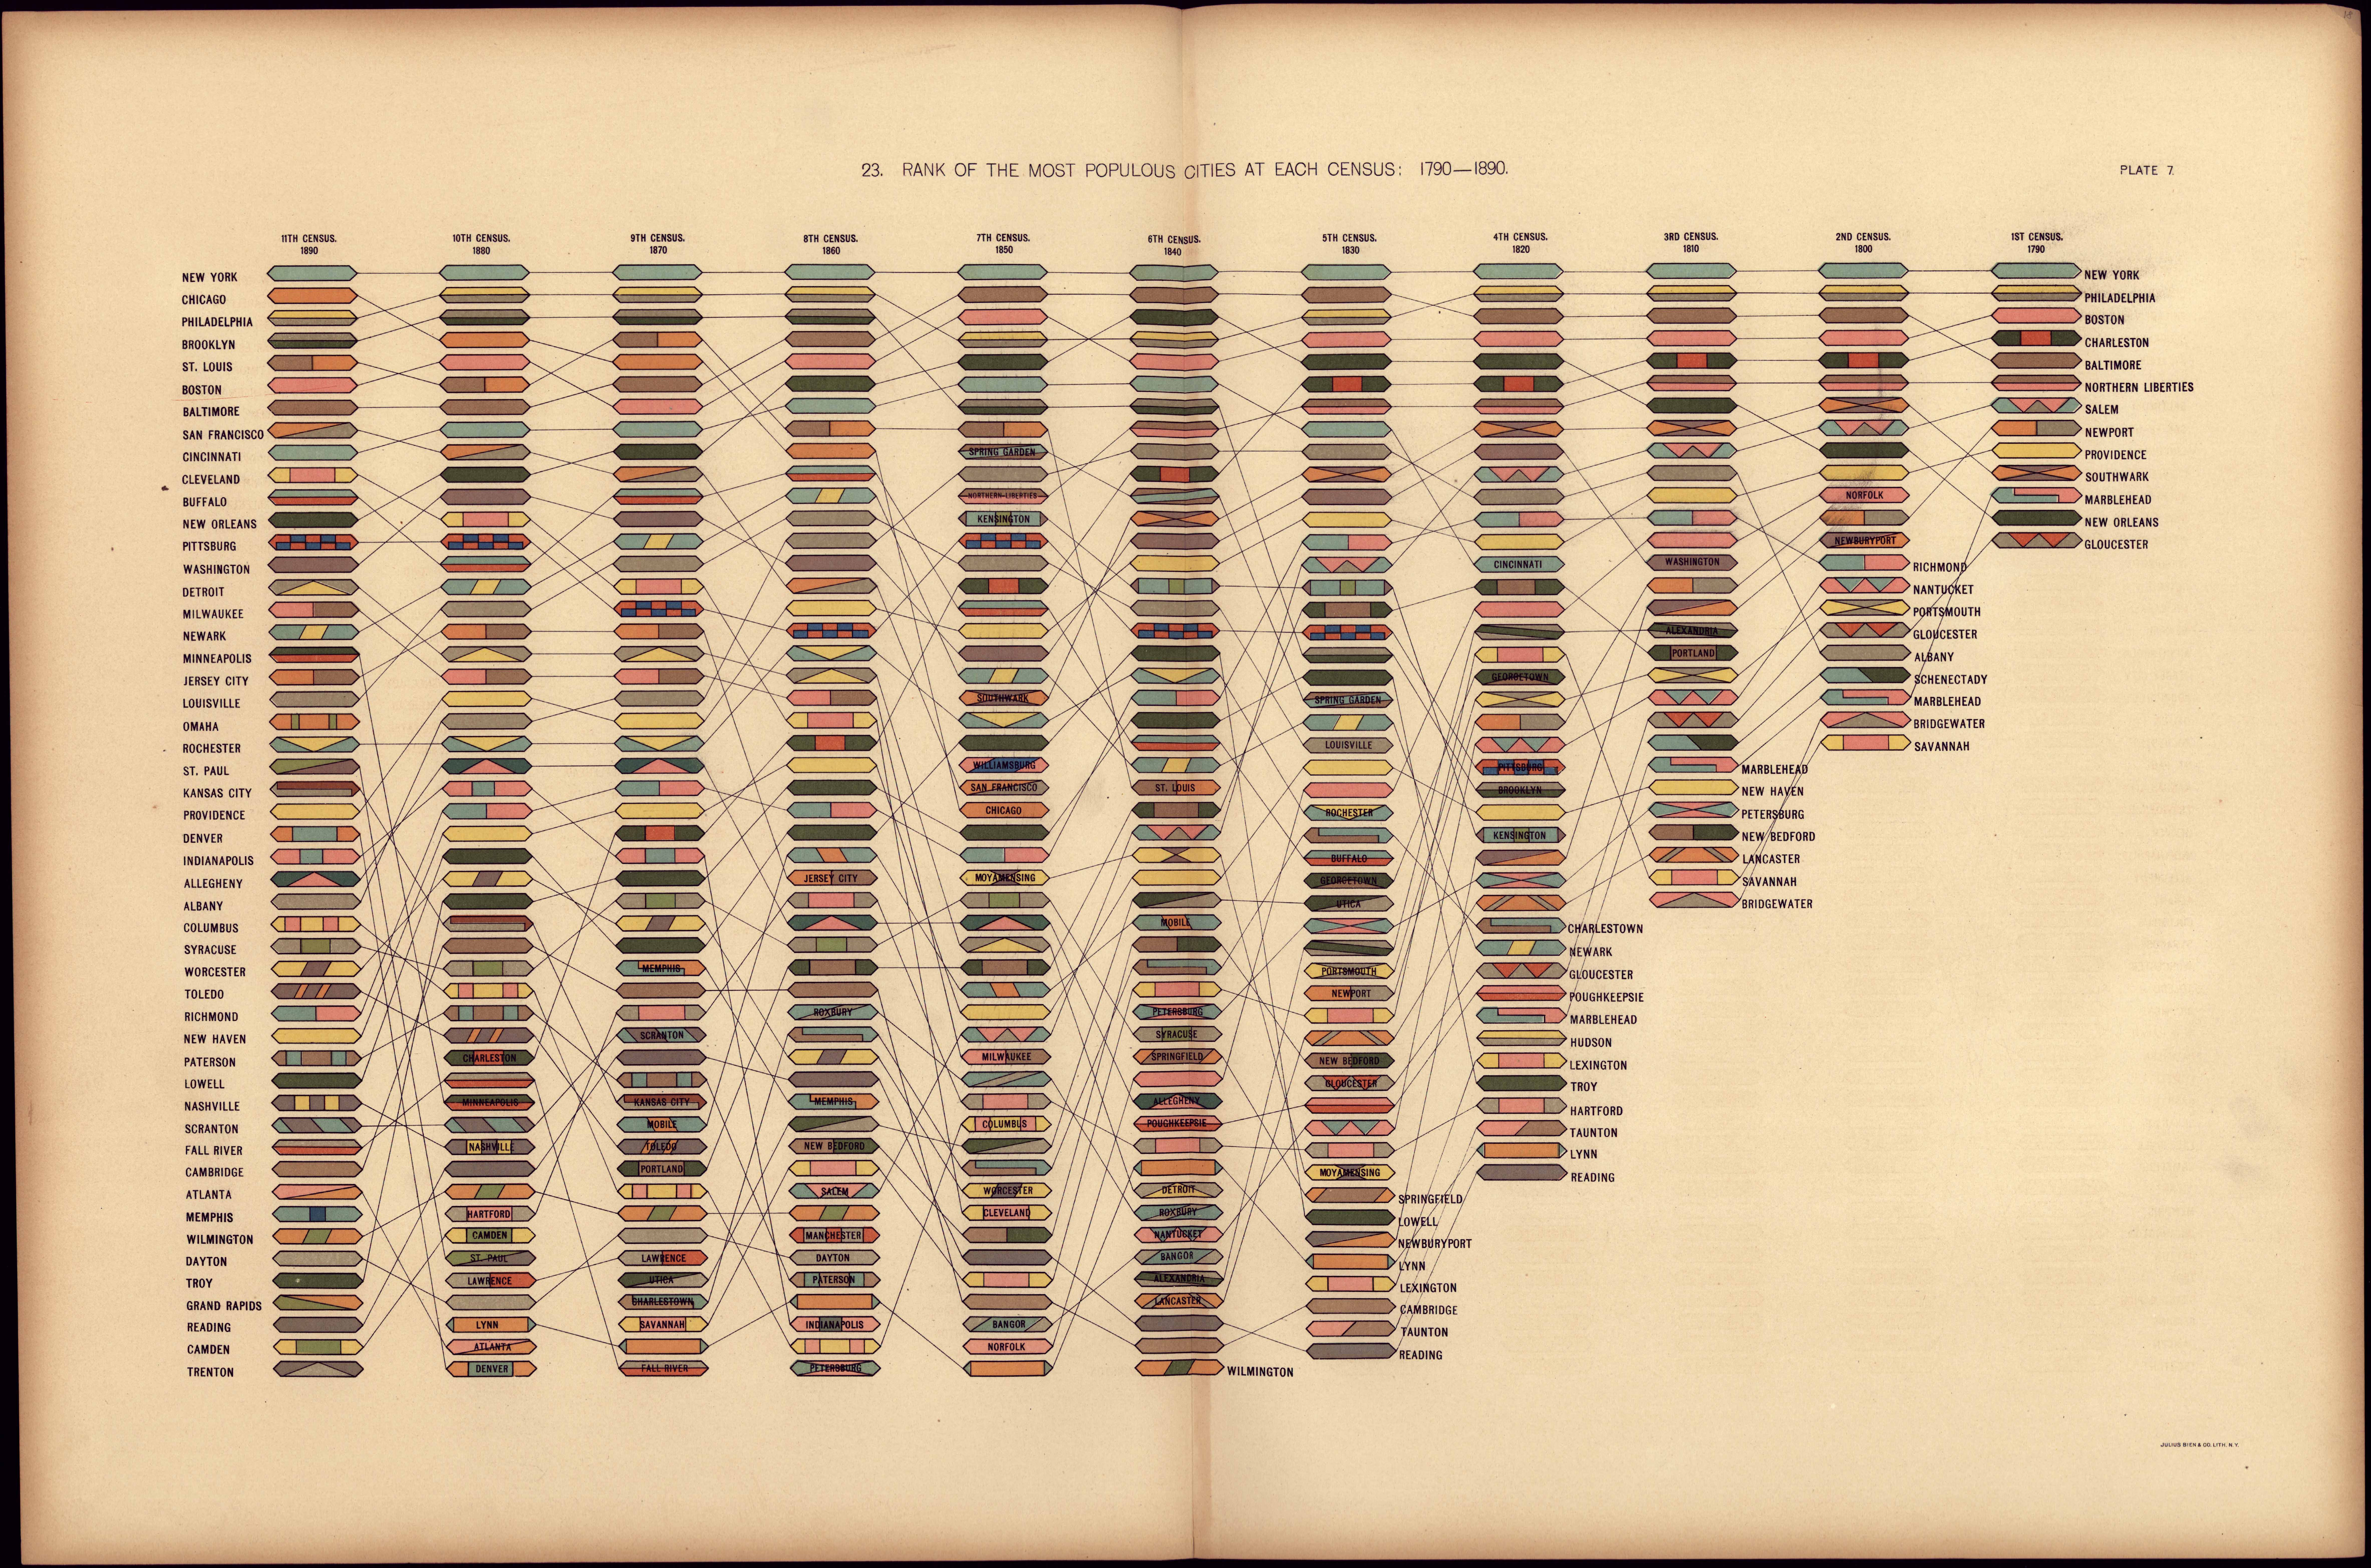 Classement des villes les plus peuplées à chaque recensement: 1790-1890 visualisé à travers une carte arborescente.